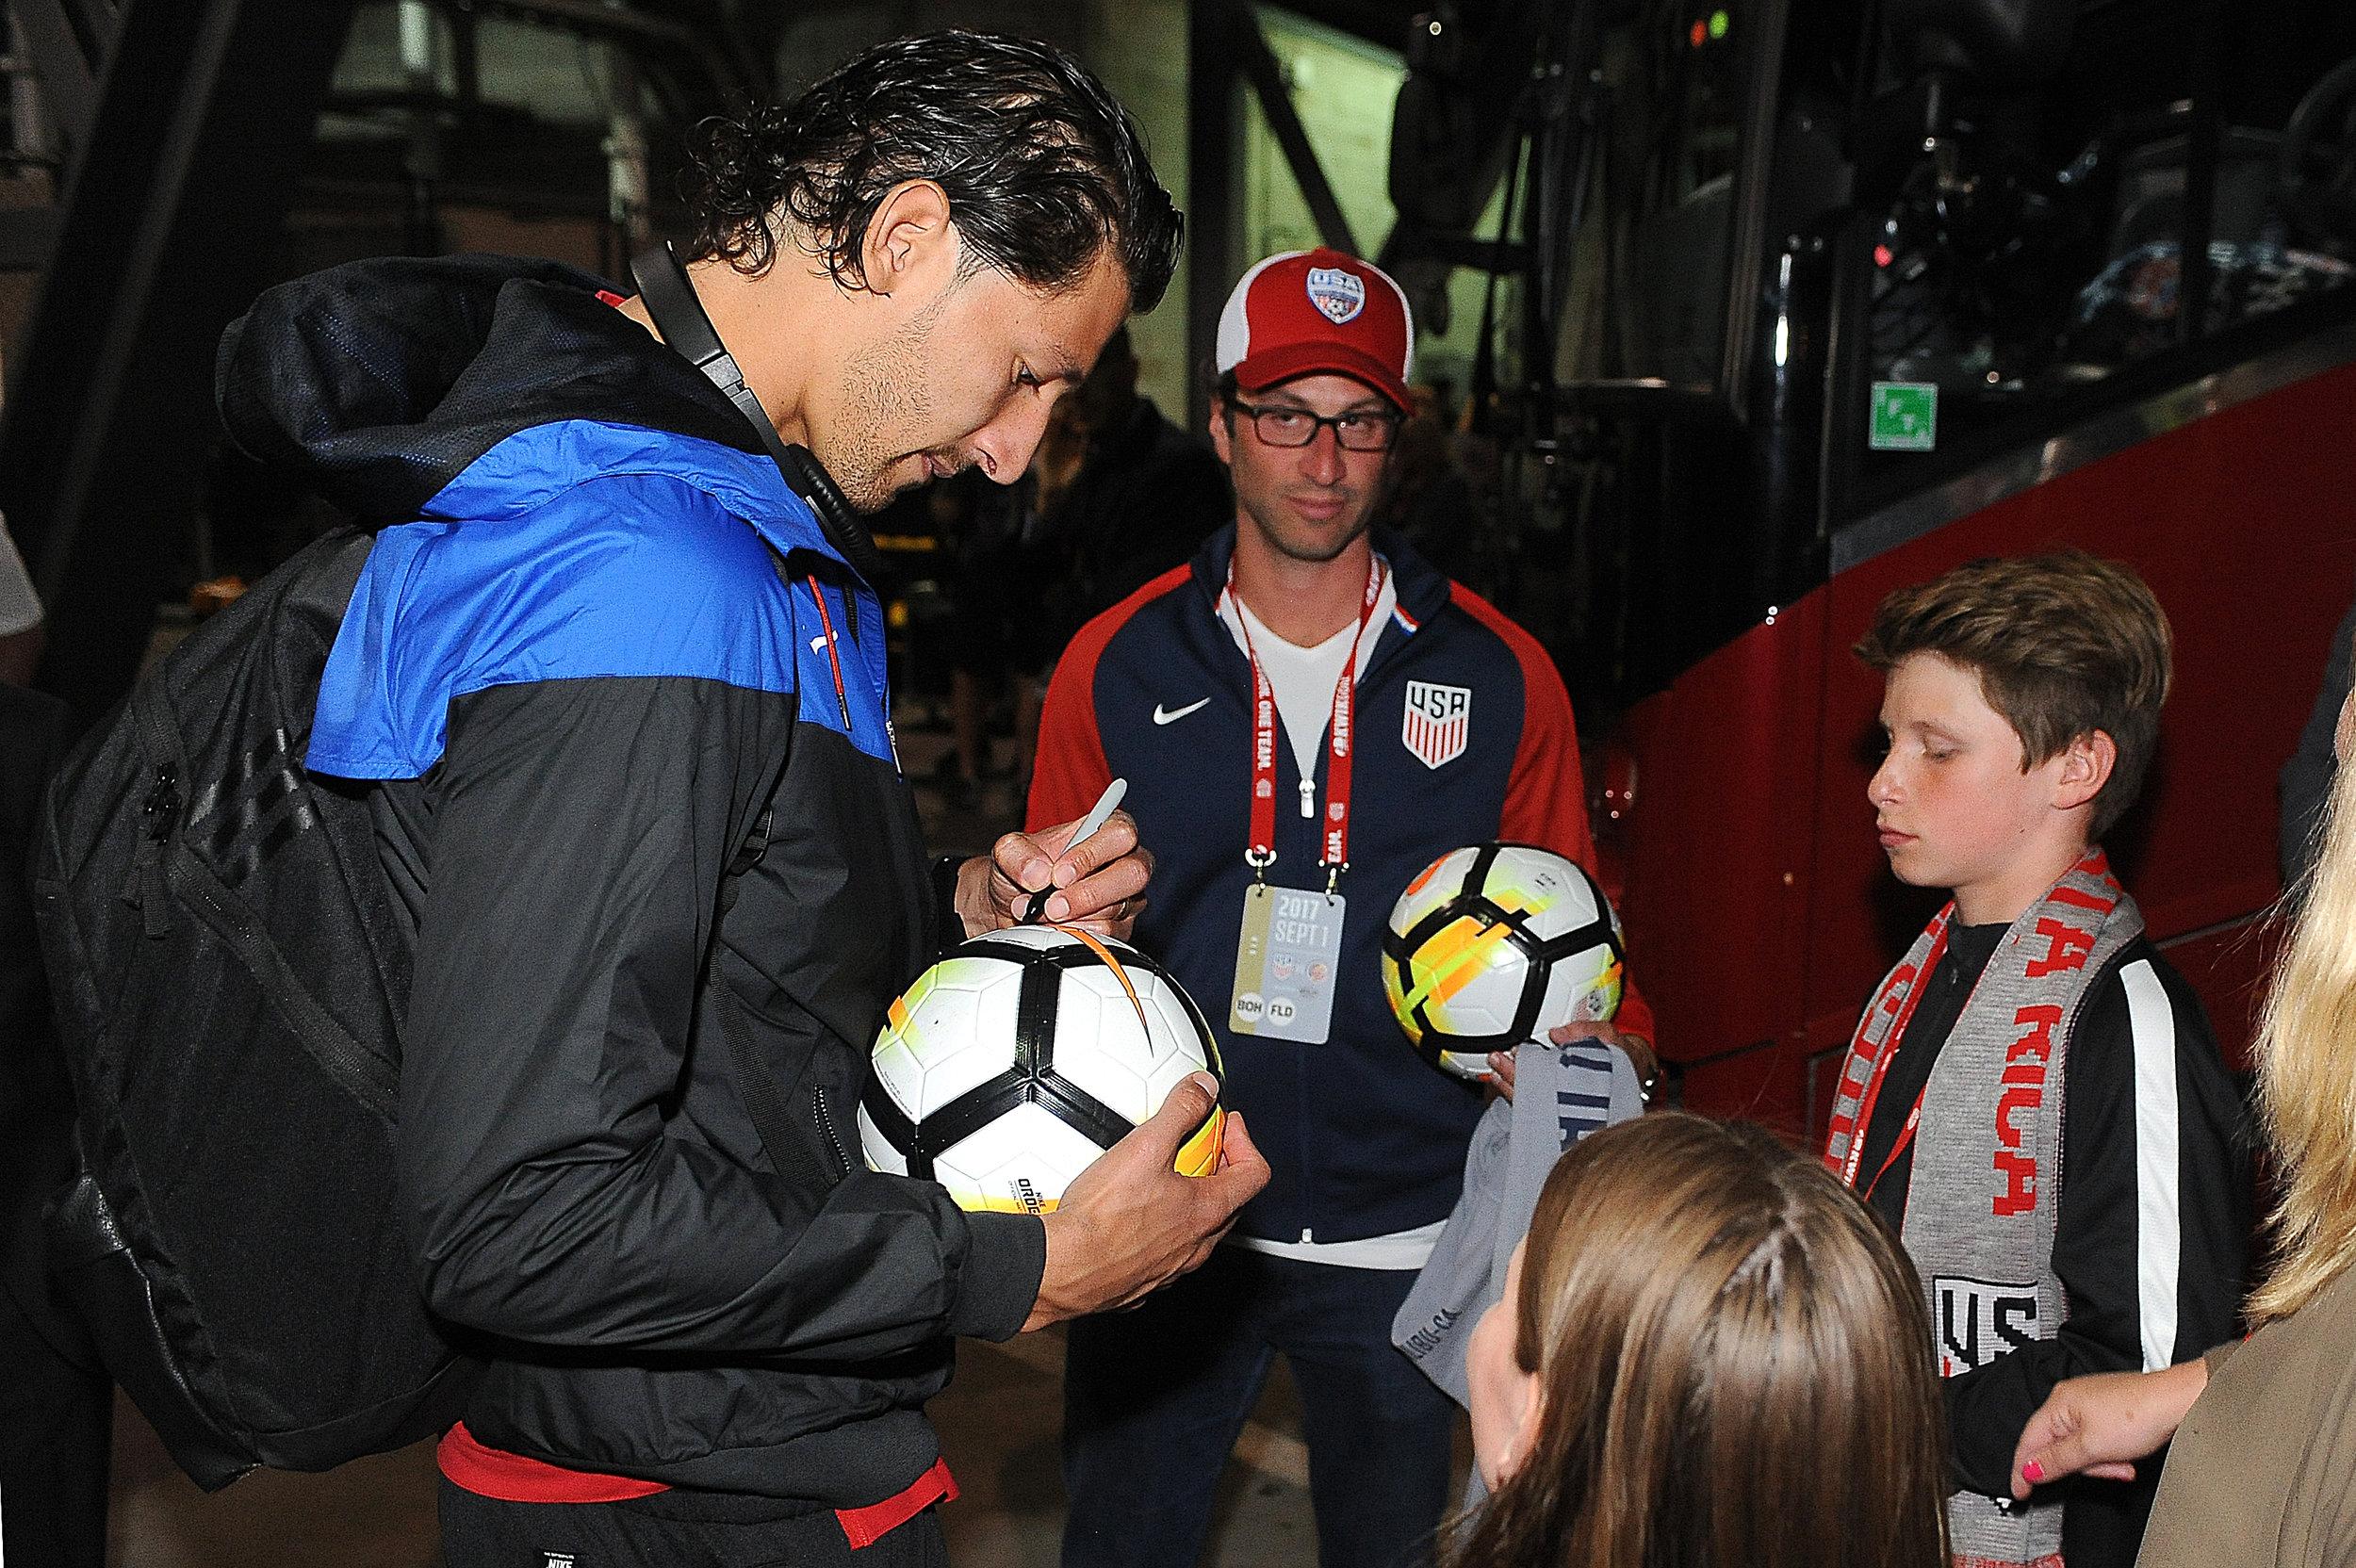 us_soccer_images_045_5.jpg